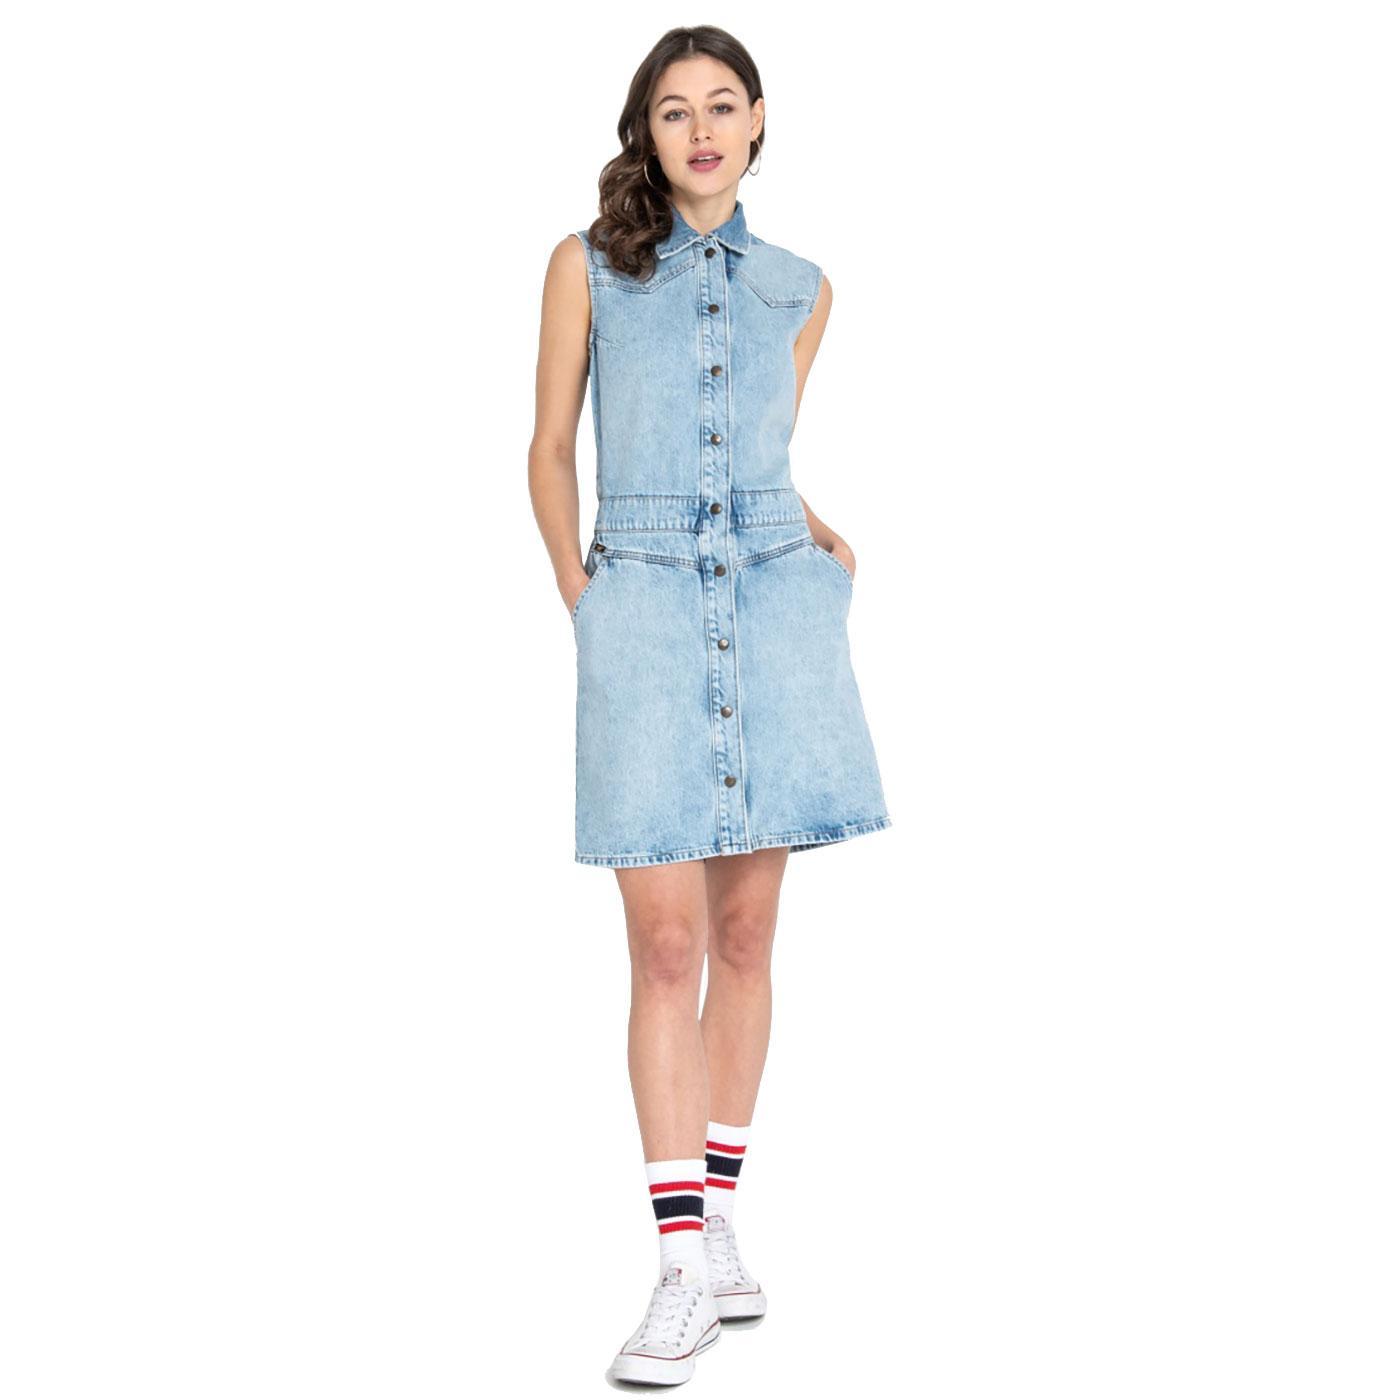 LEE Retro 70s Button Up Denim Mom Dress GET LIGHT